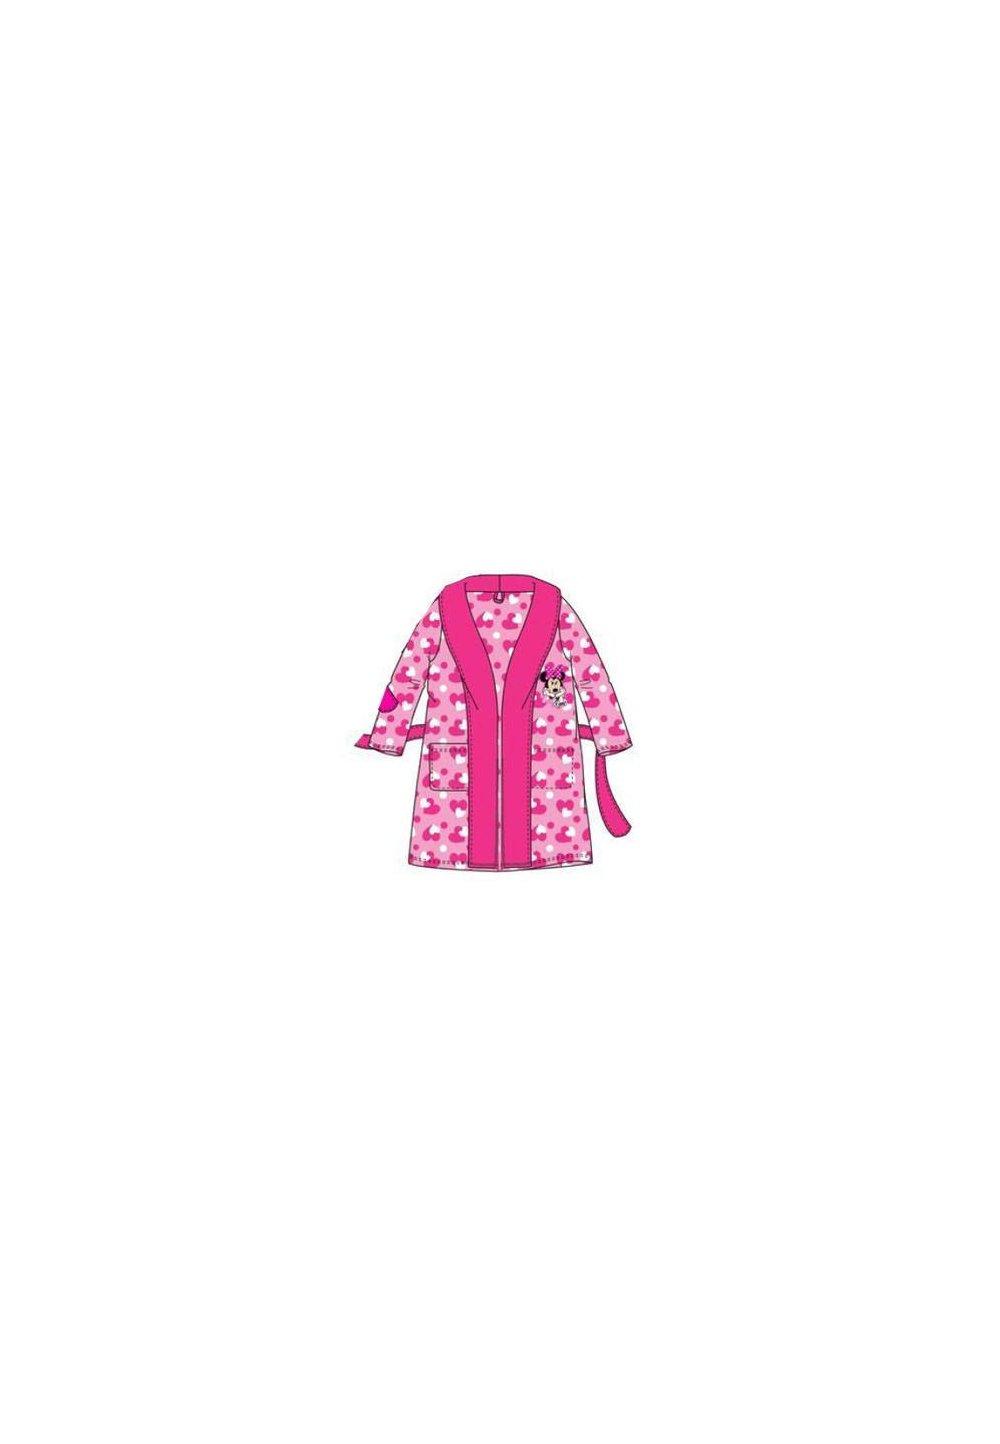 Halat de baie, cu imprimeu inimioare, Minnie Mouse,roz imagine